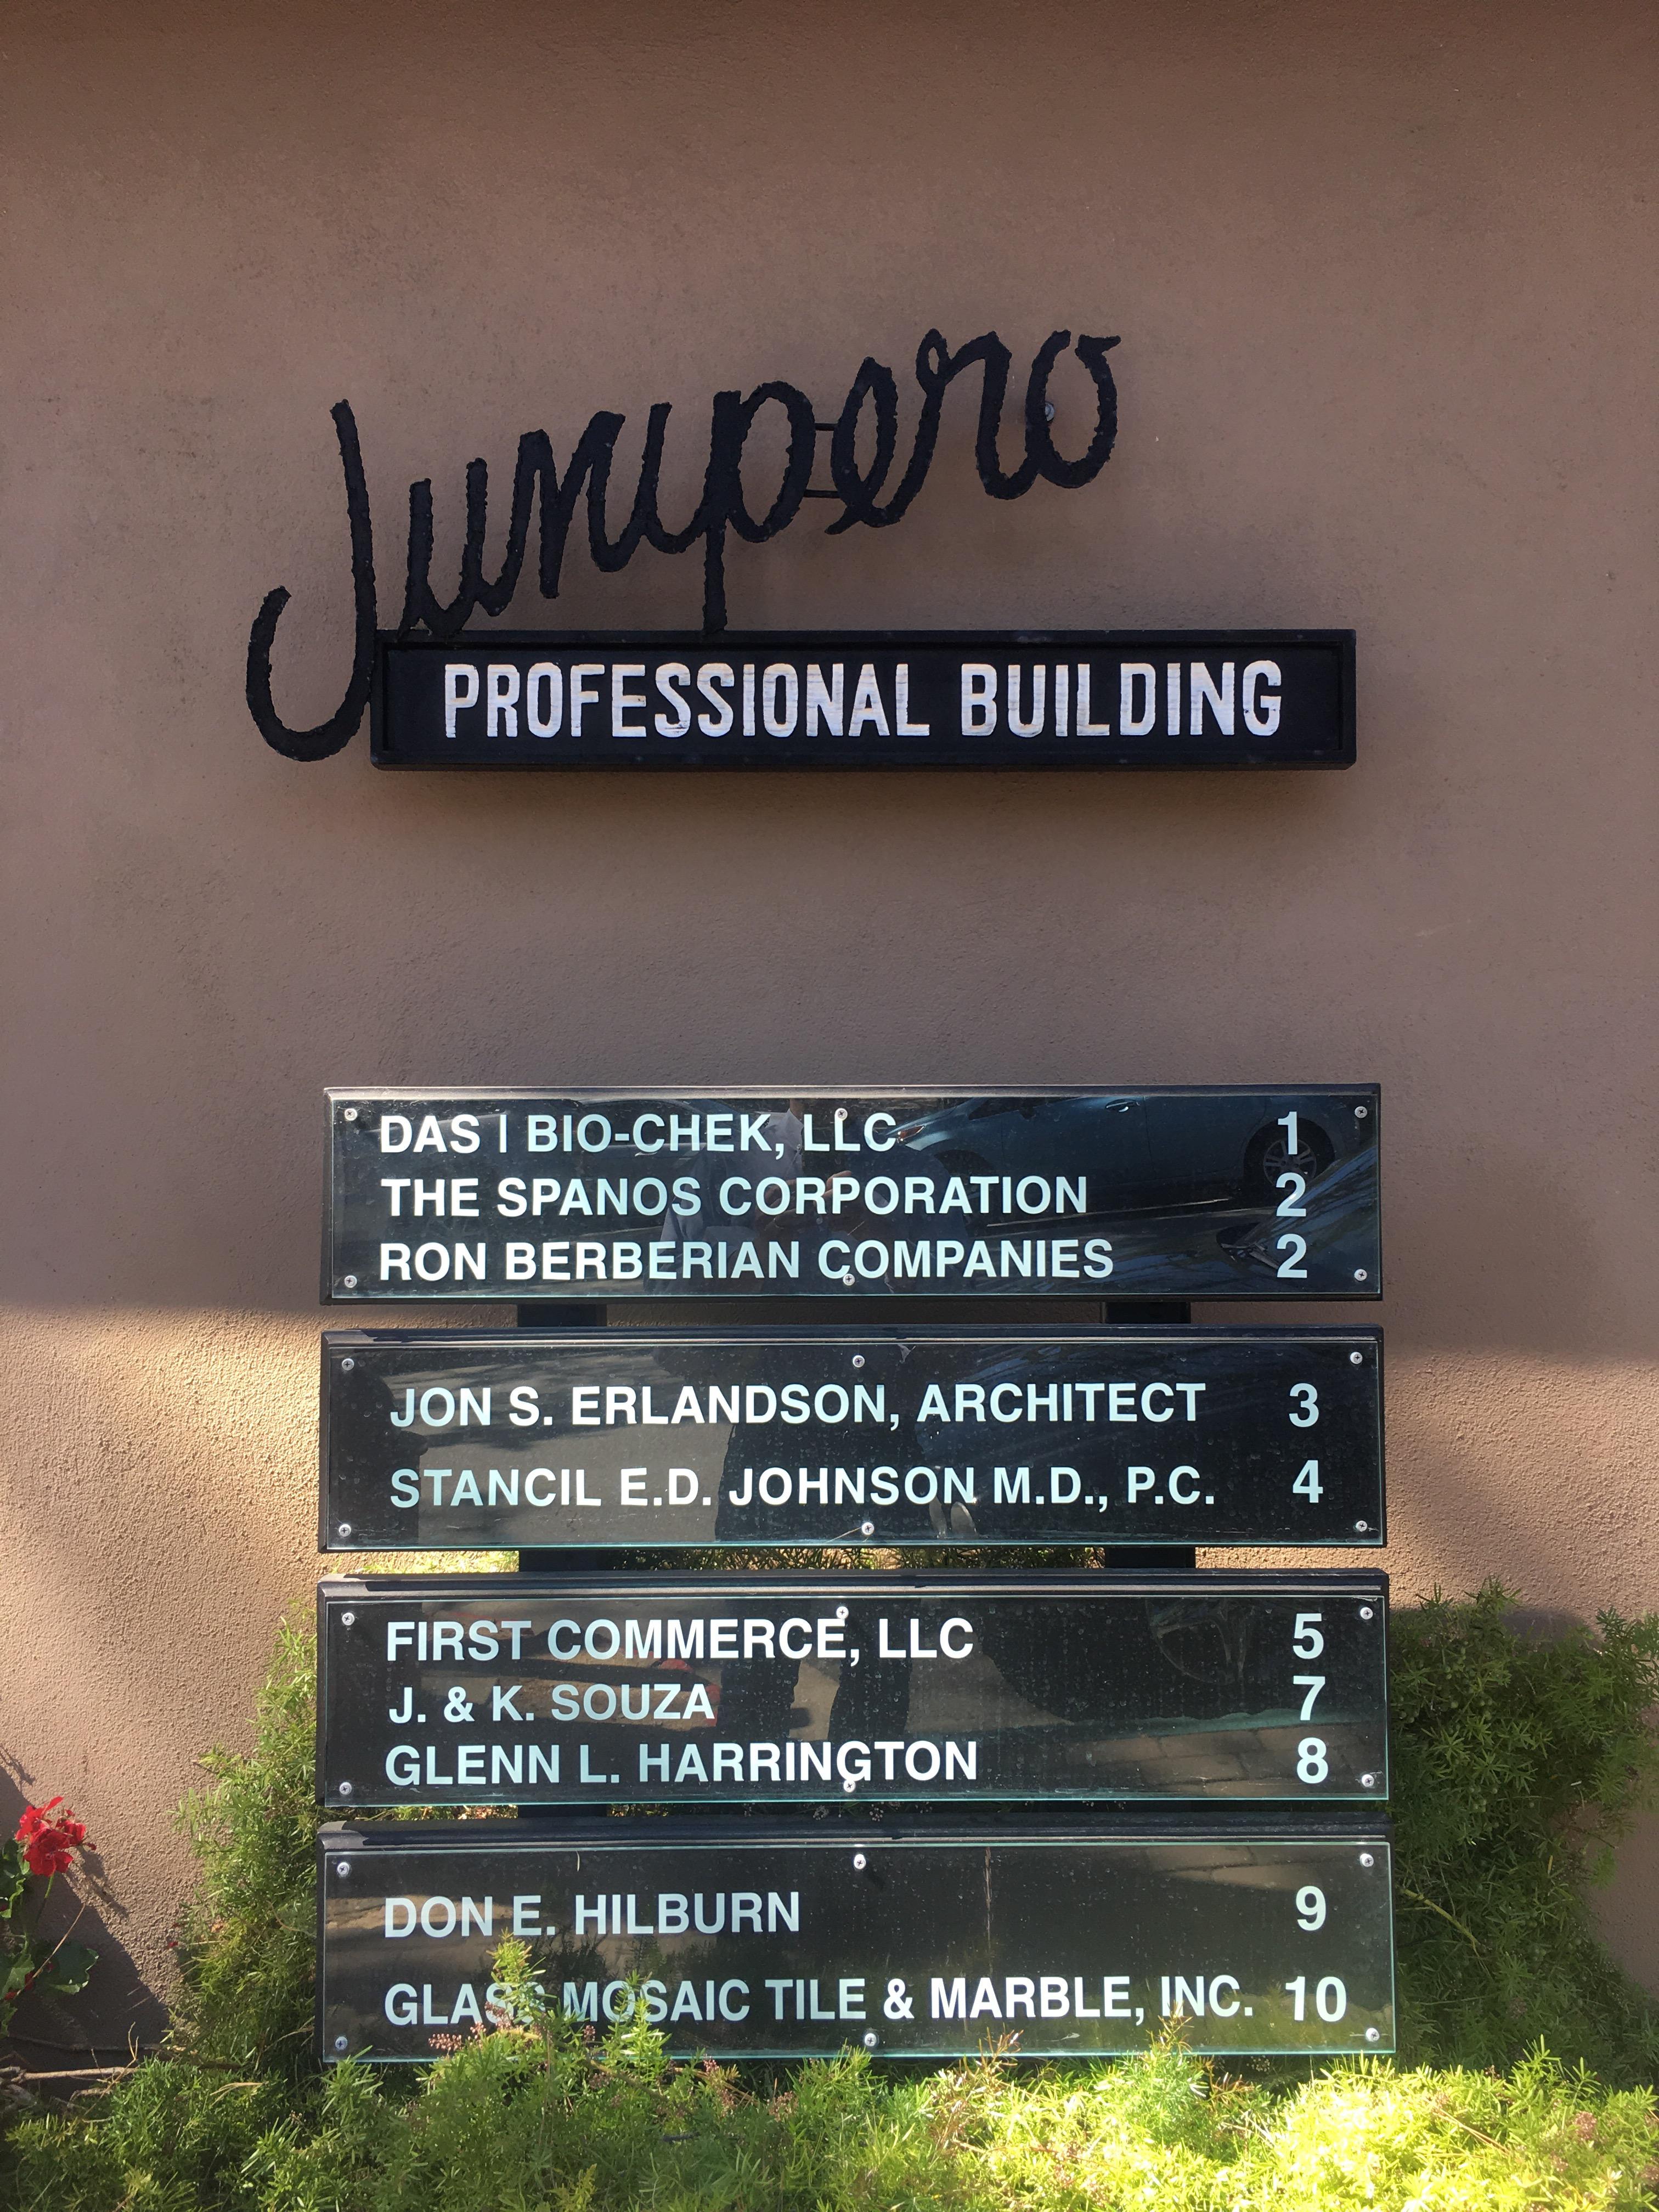 Junipero Professional Building